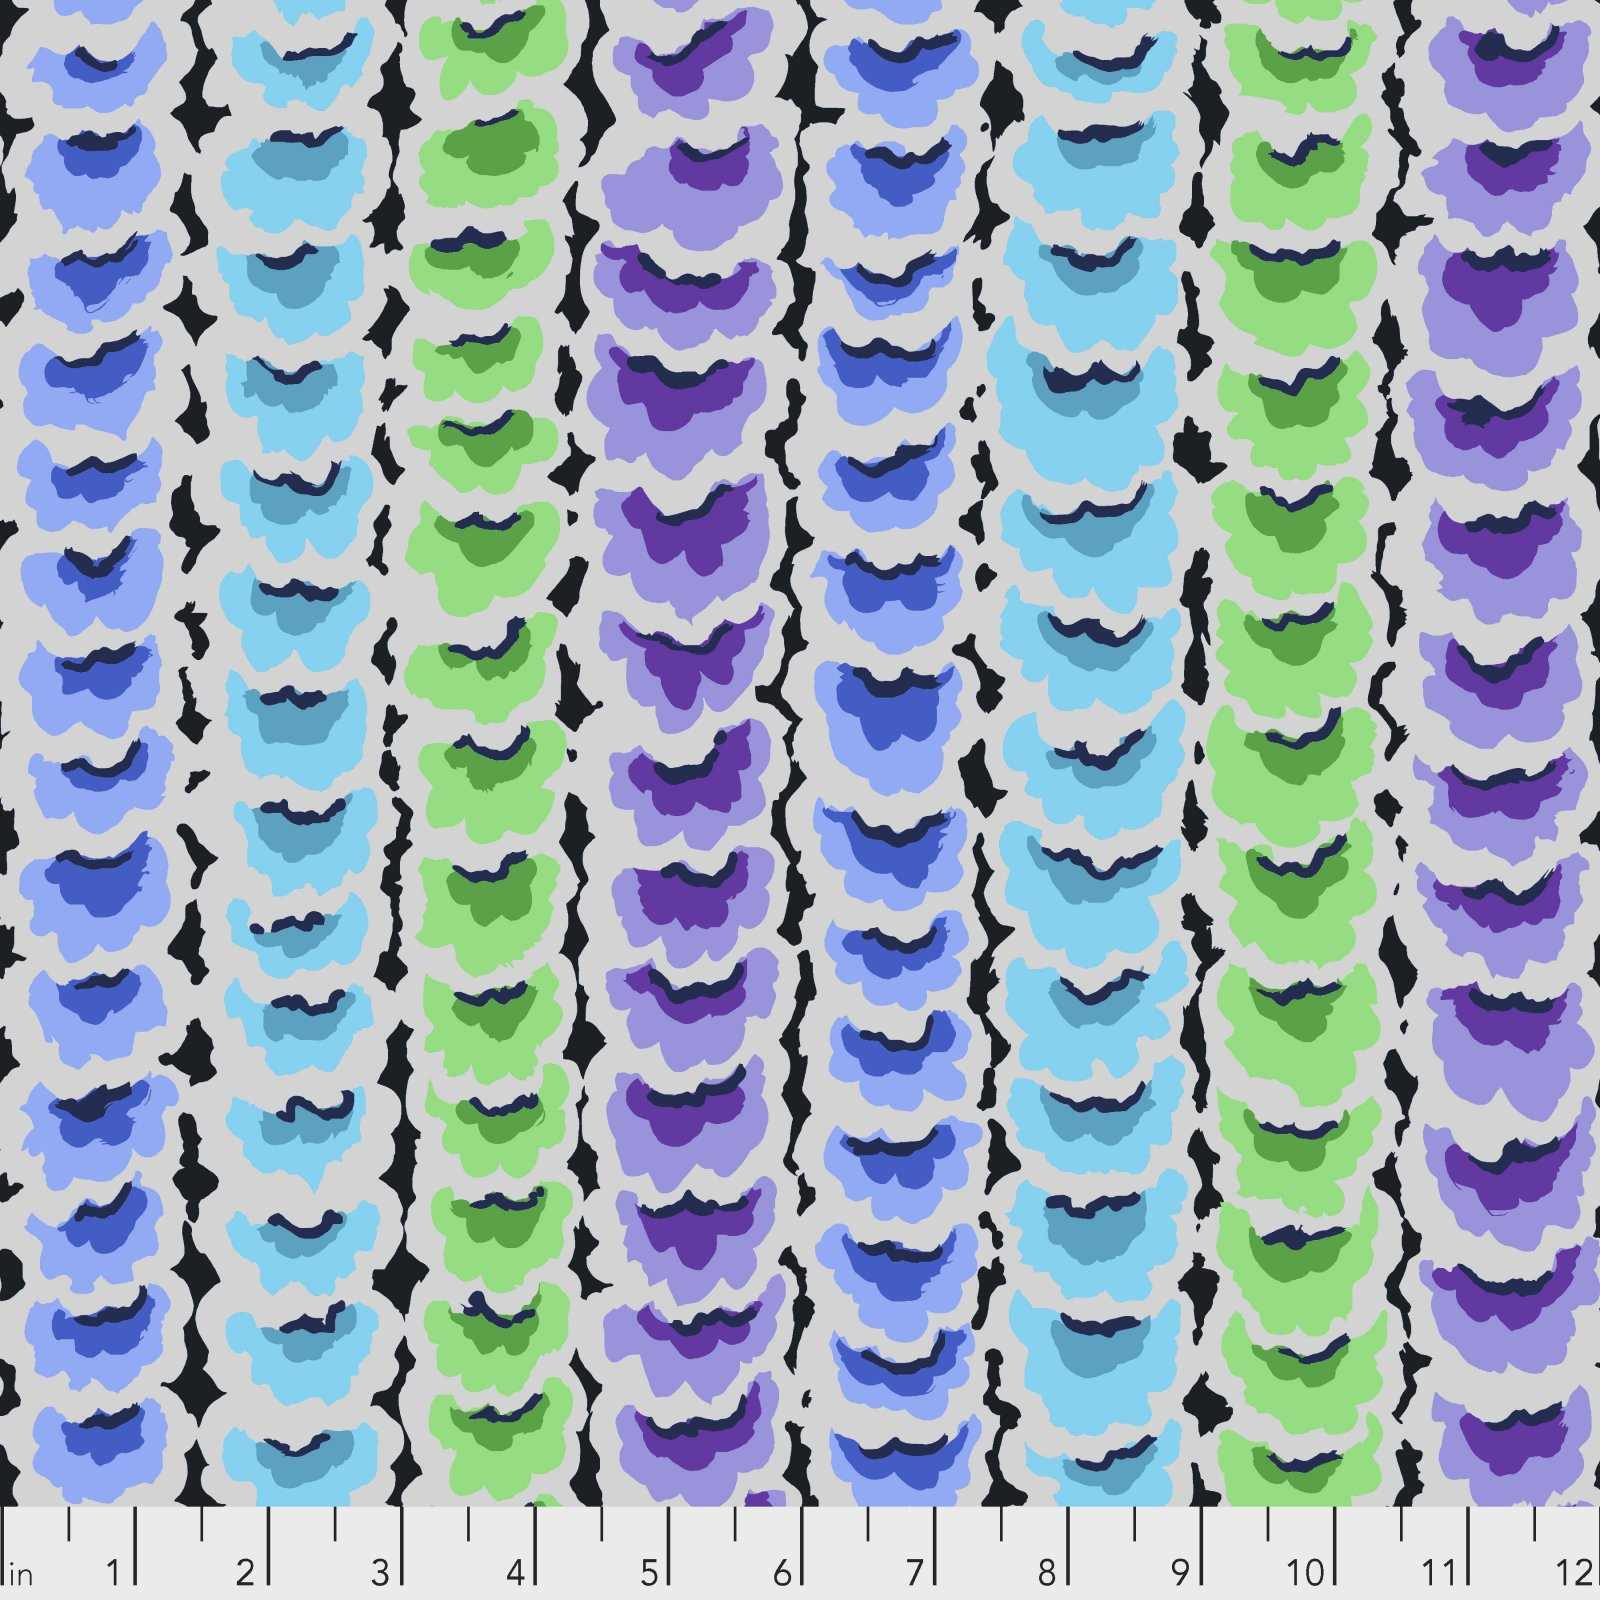 PWGP181.BLUE - Garlands